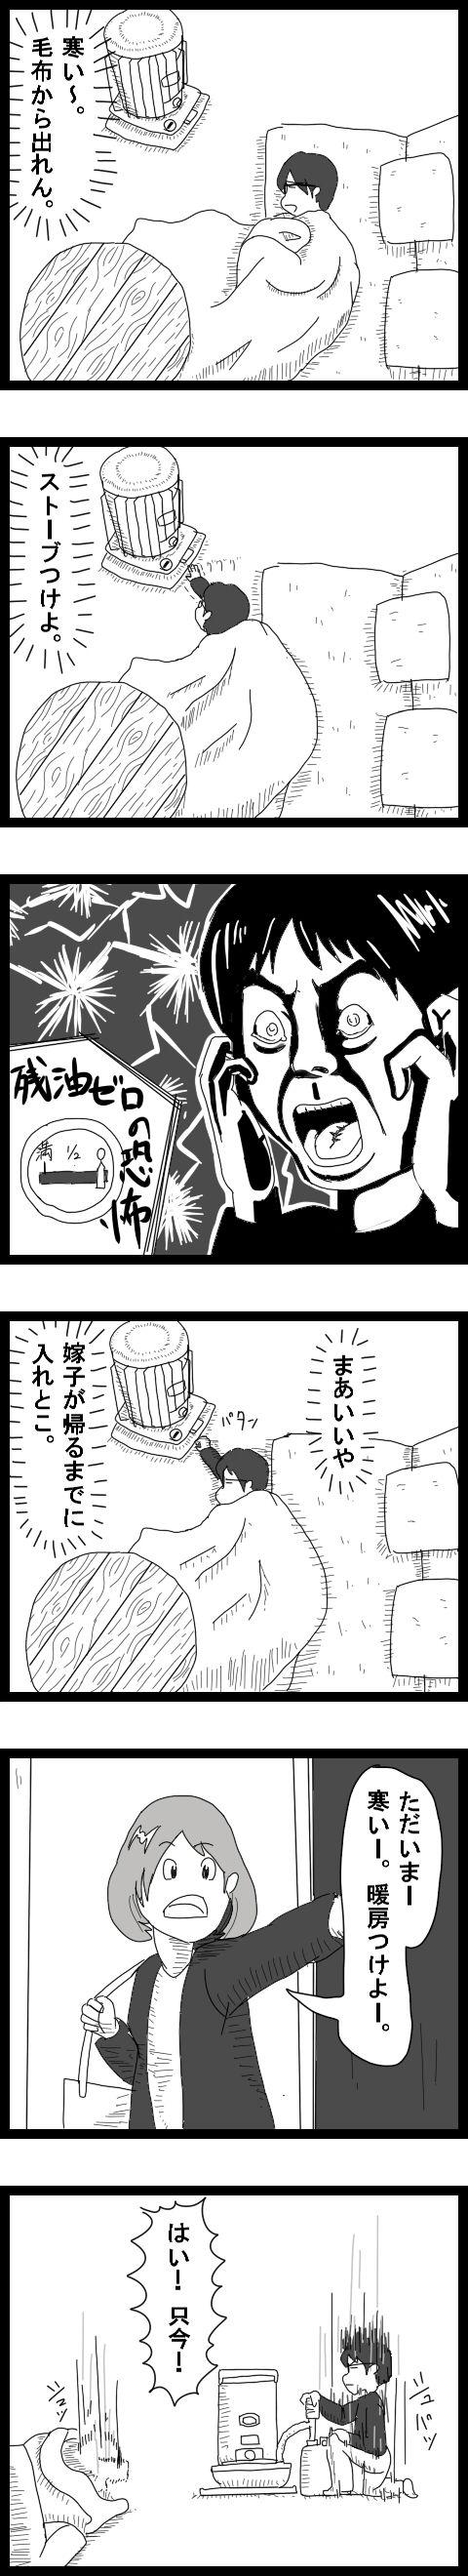 テンプレート【6マス】